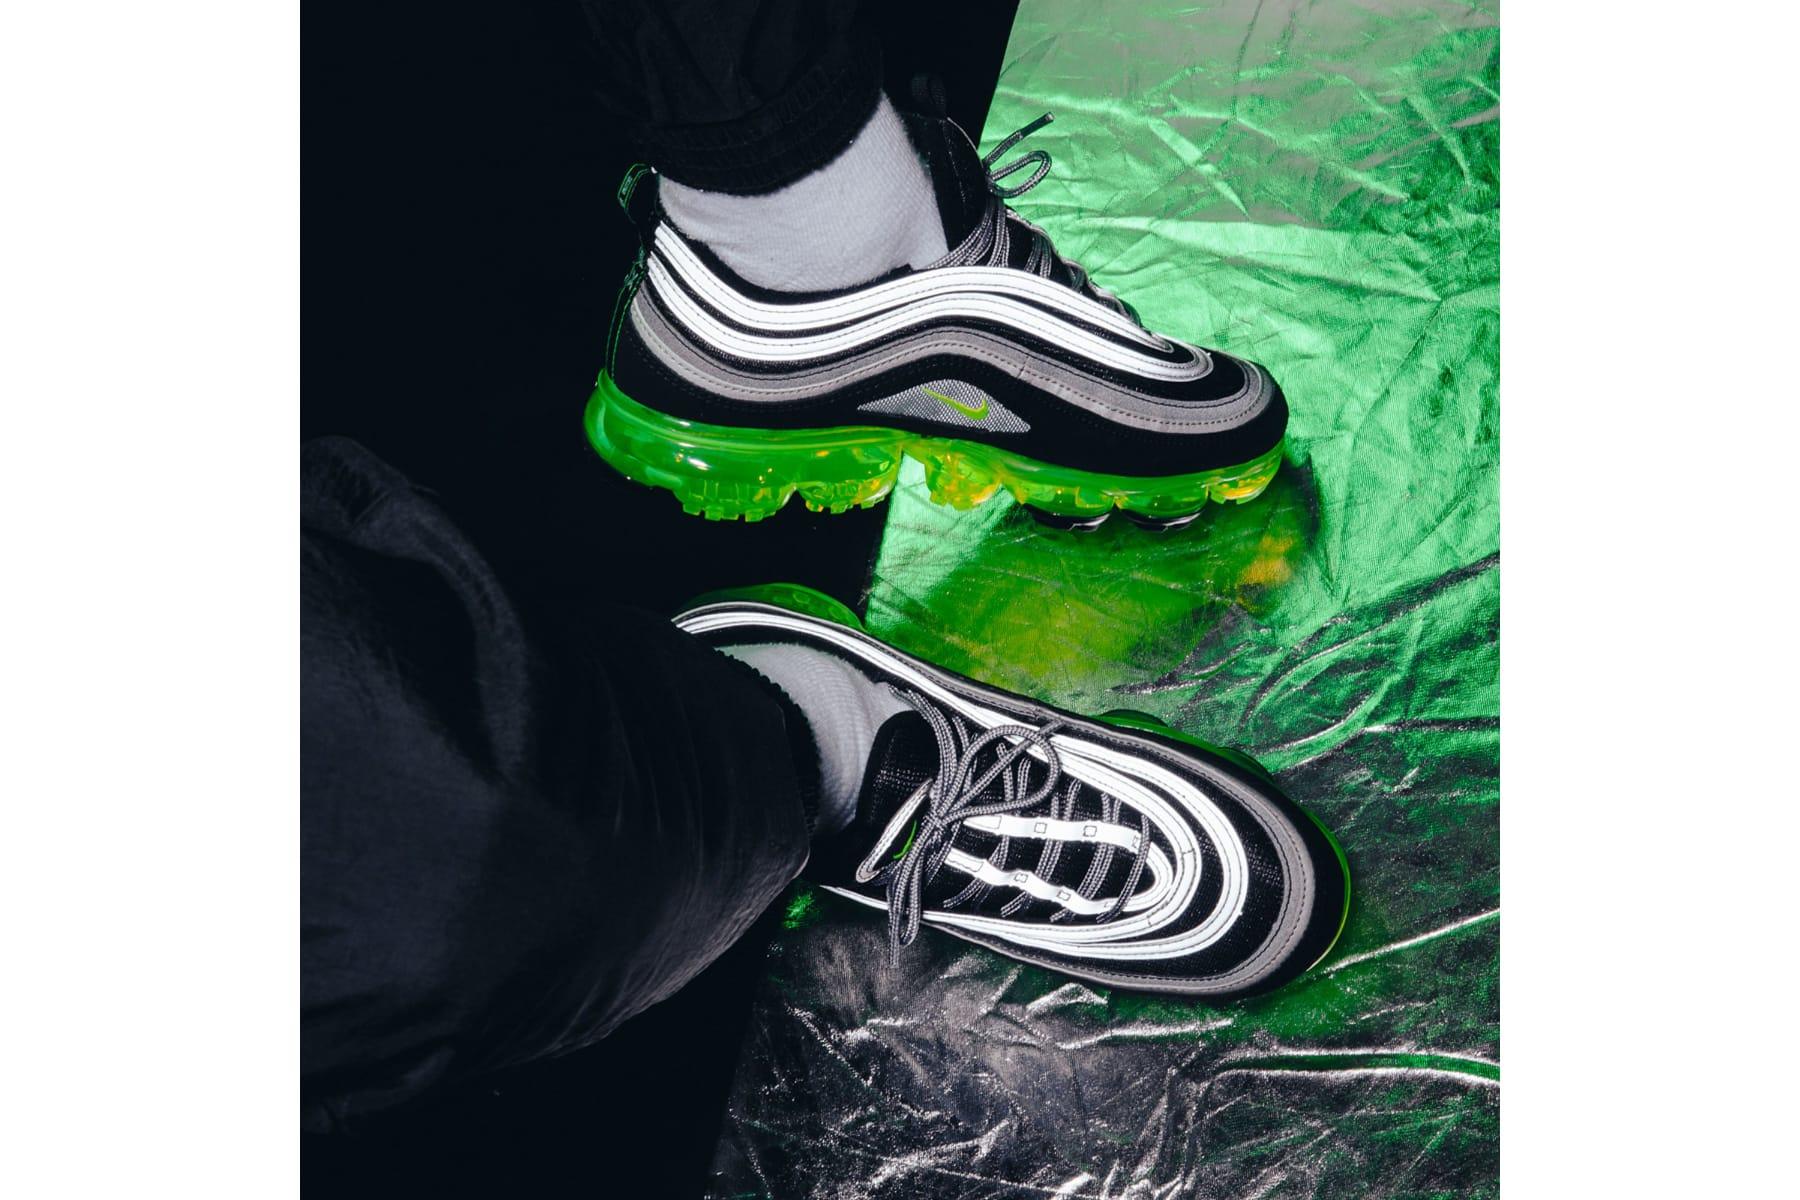 vapormax 97 green